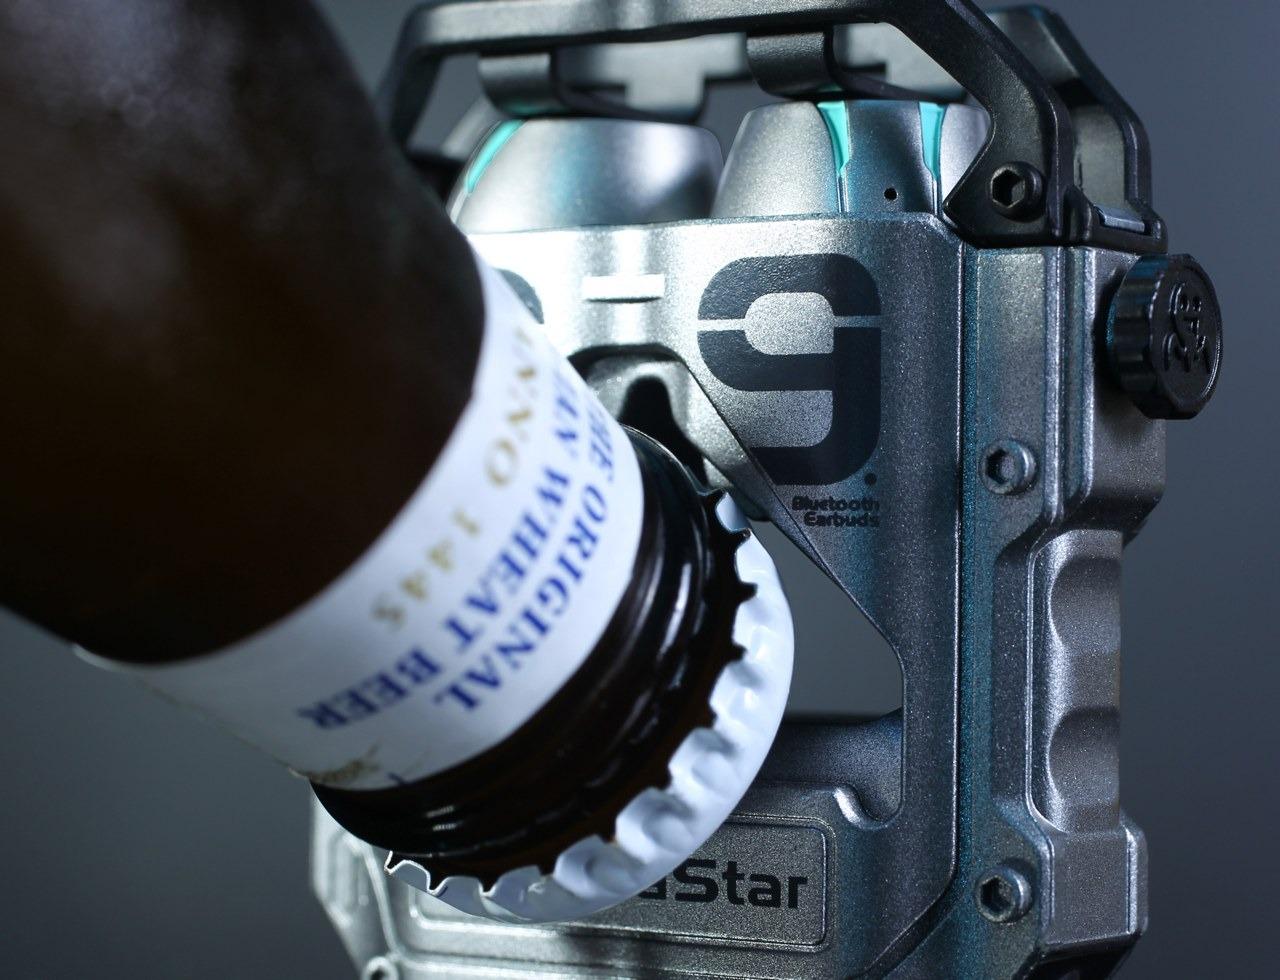 Căștile GravaStar Sirius Pro arată bine și includ desfăcător de sticle